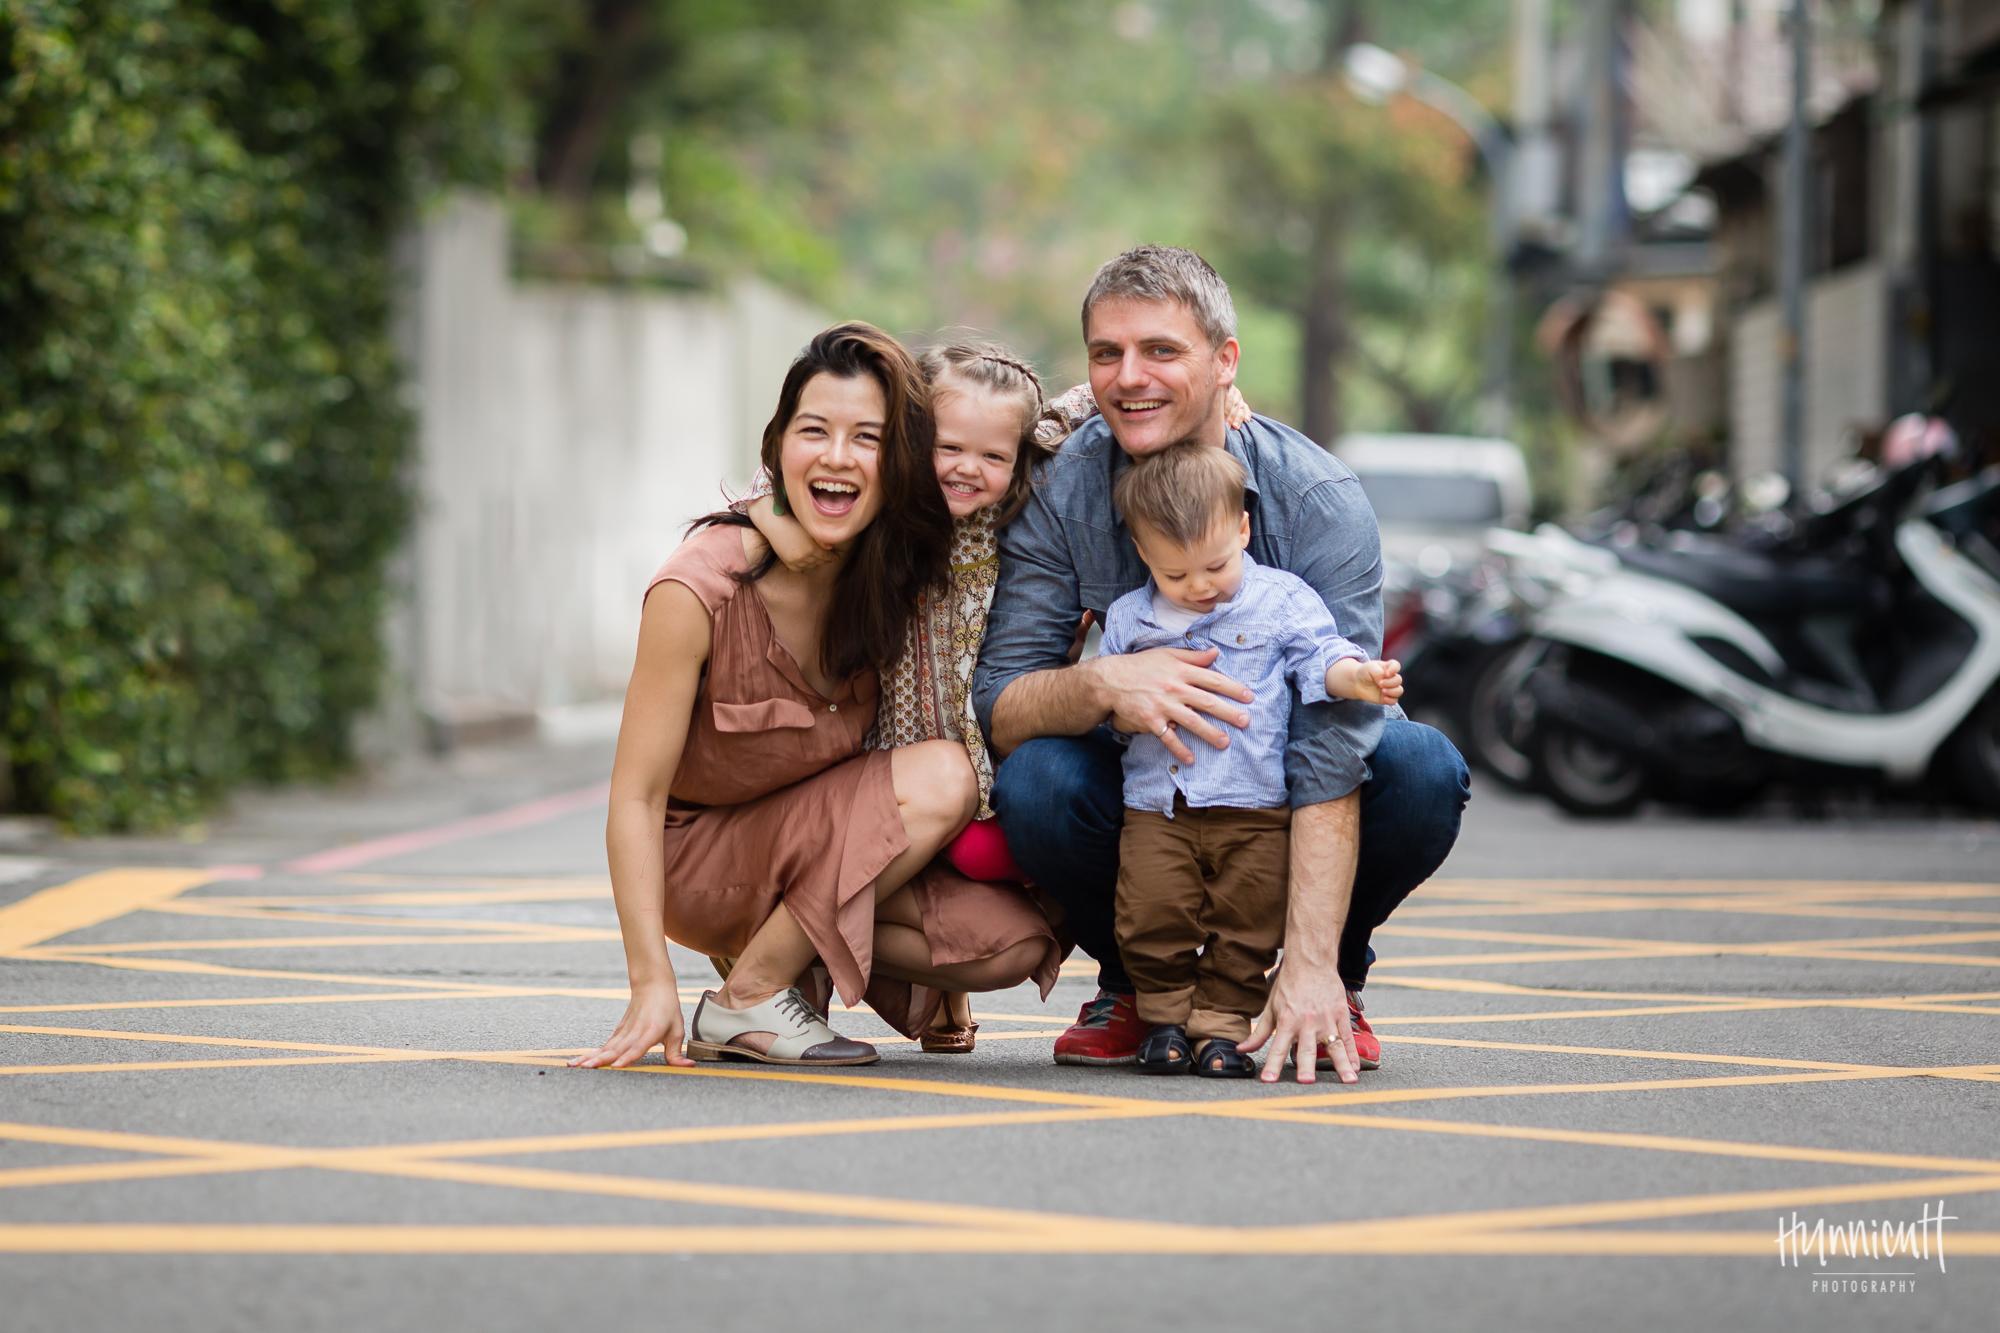 Taiwan-Urban-Lifestle-Duck-Family-HunnicuttPHotography-20